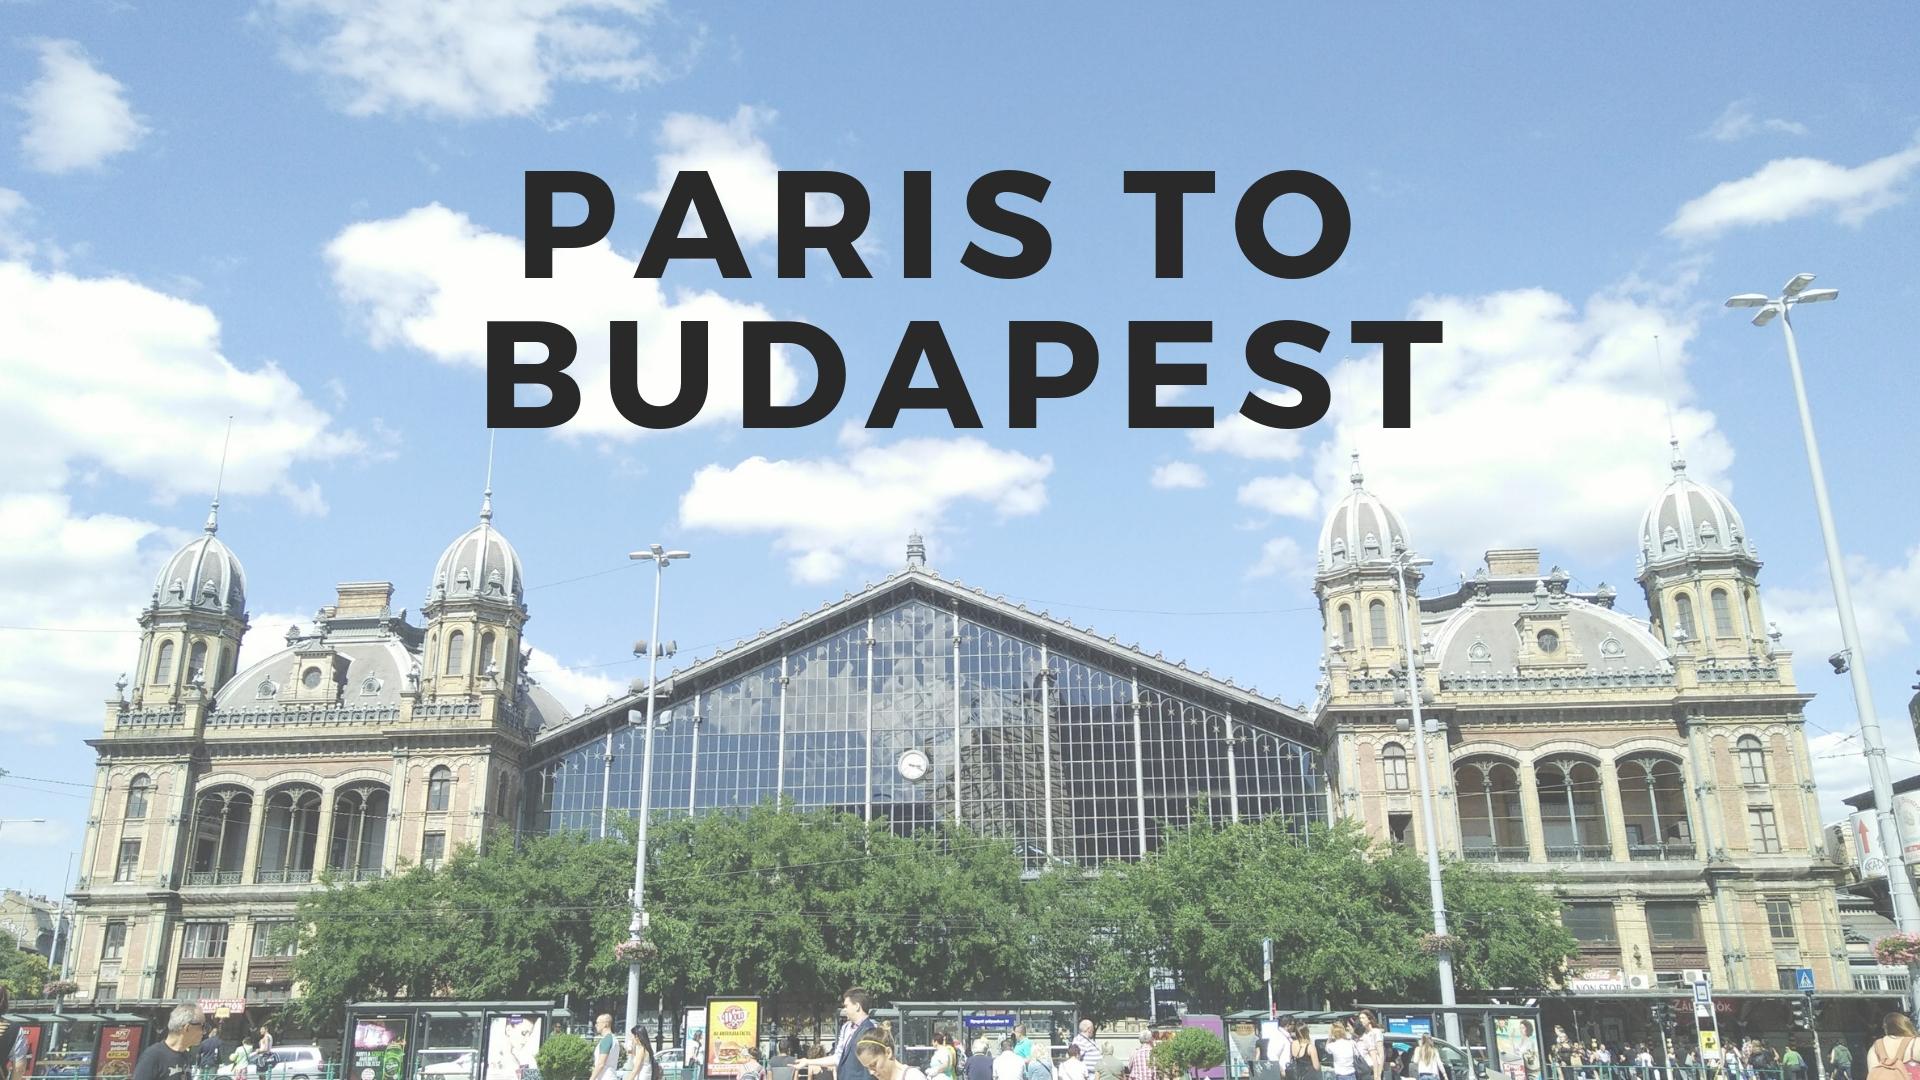 パリからブダペストへ引っ越した私の変化【仕事編】